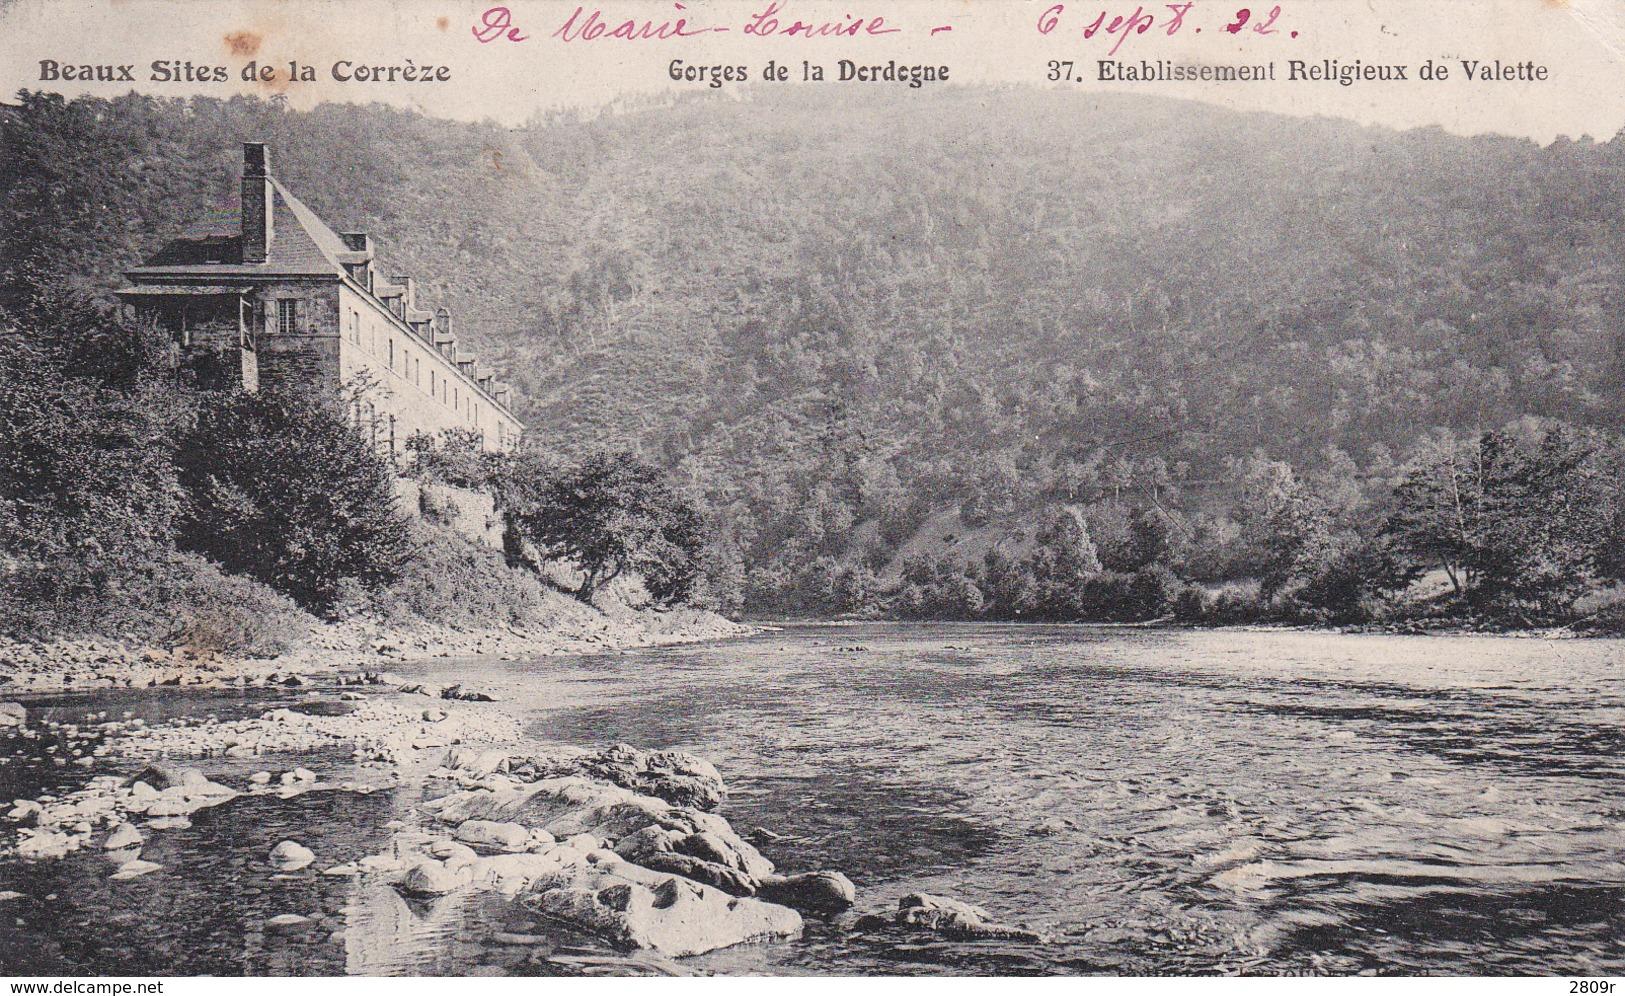 Gorges De La Dordogne - France